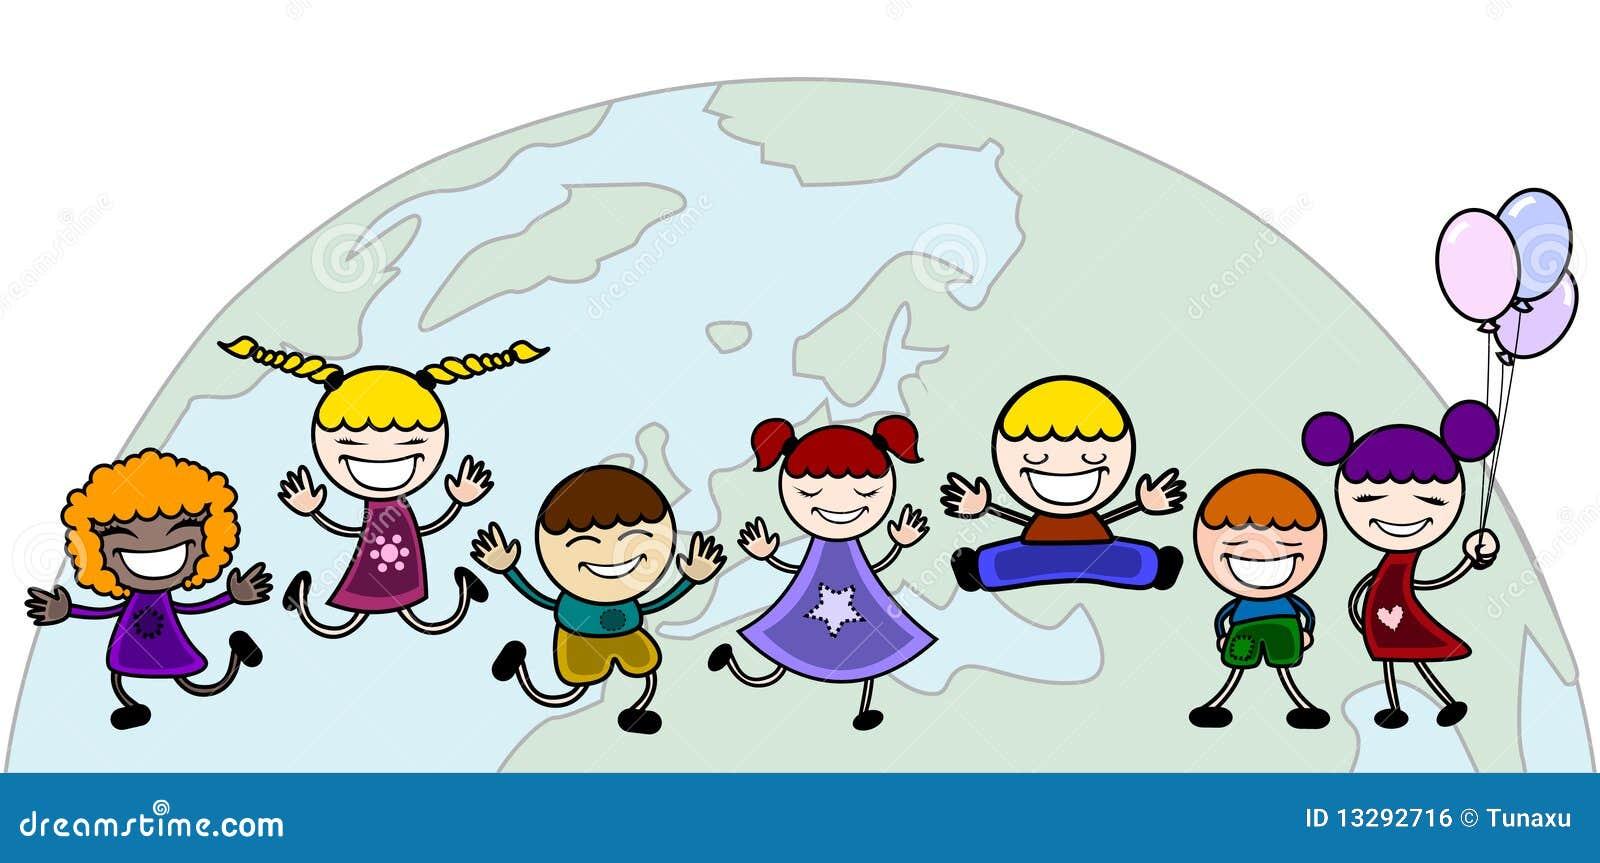 Résultat d'images pour enfant du tiers monde dessin